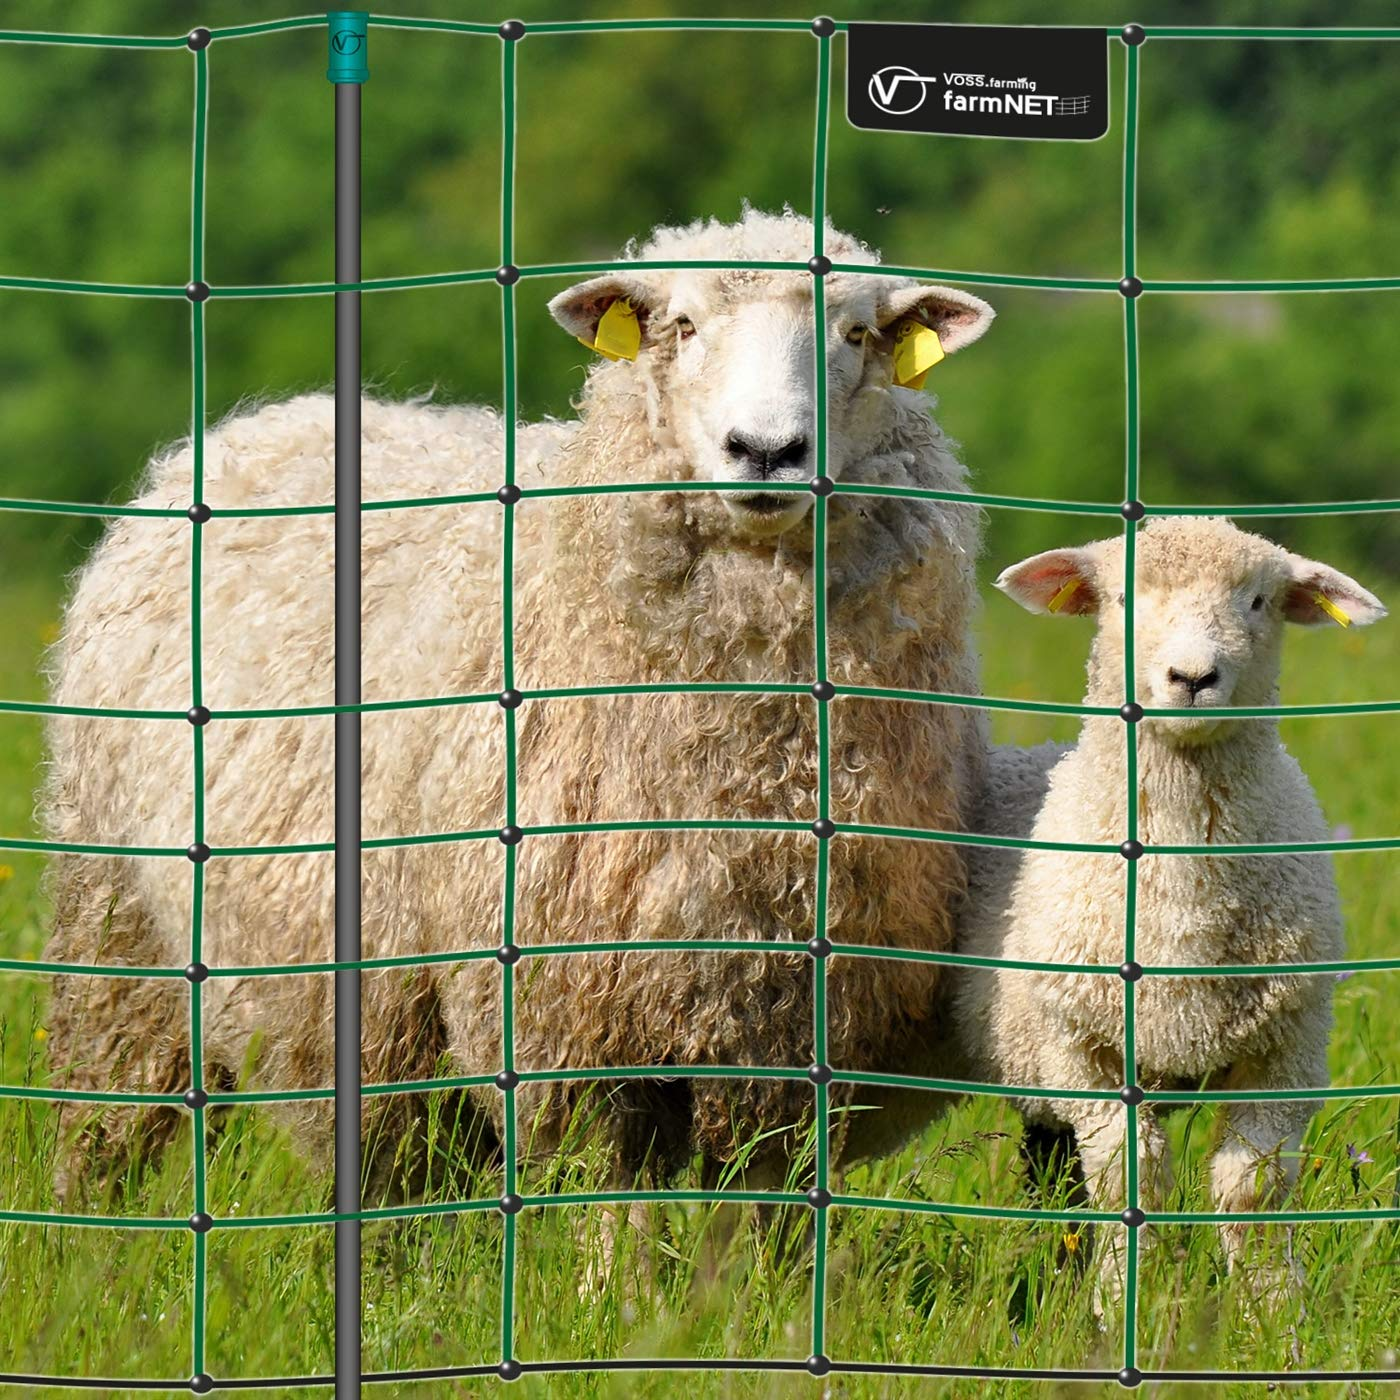 Filet électrifiable de clôture pour moutons, chèvres VOSS.farming farmNET, 50 m, hauteur 108 cm, 14 piquets, 2 pointes, vert